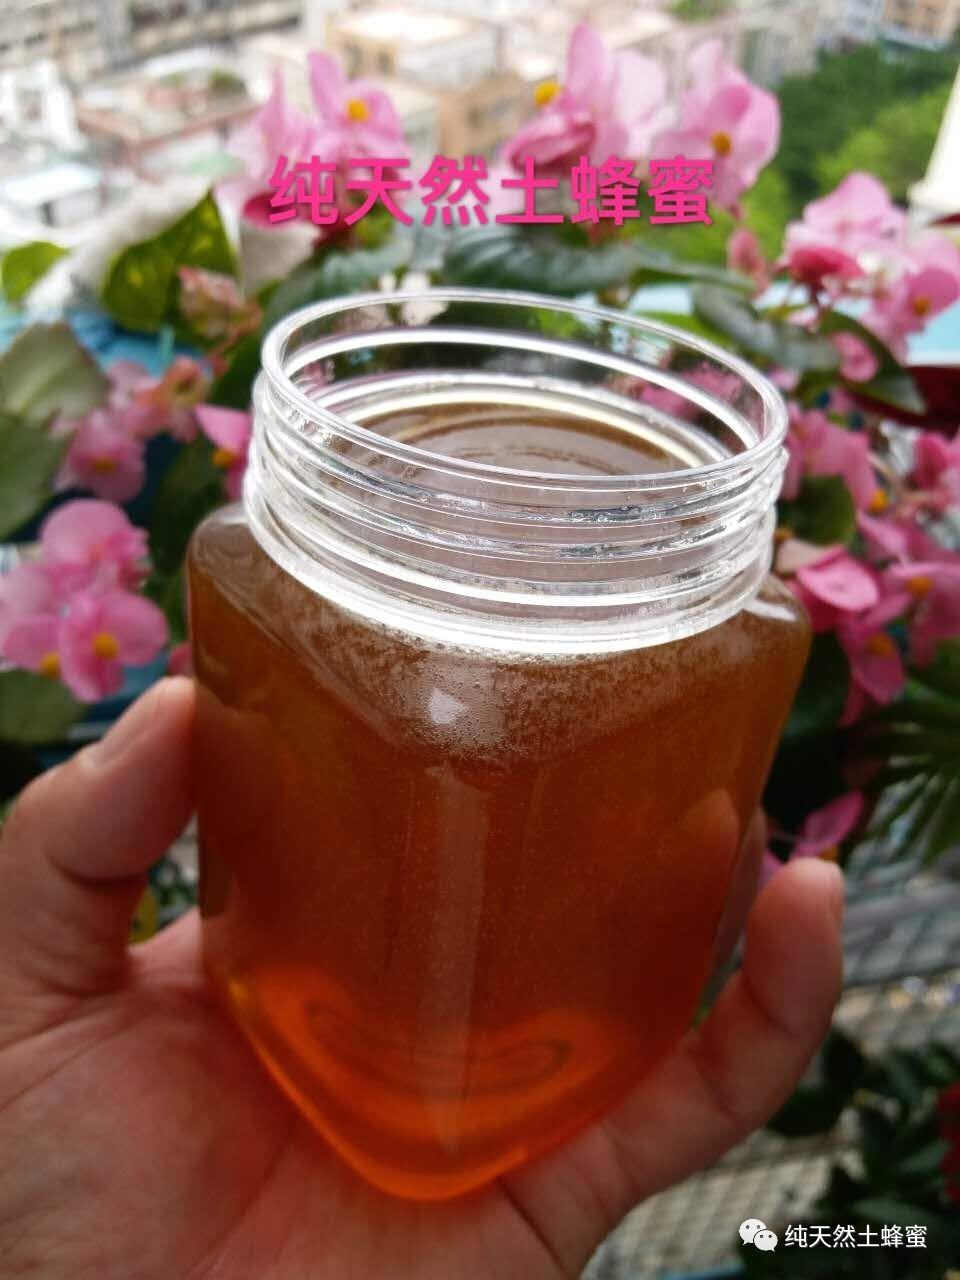 意蜂蜂蜜 妙语蜂蜜价格 蜂品种 油菜花粉 牛奶蜂蜜